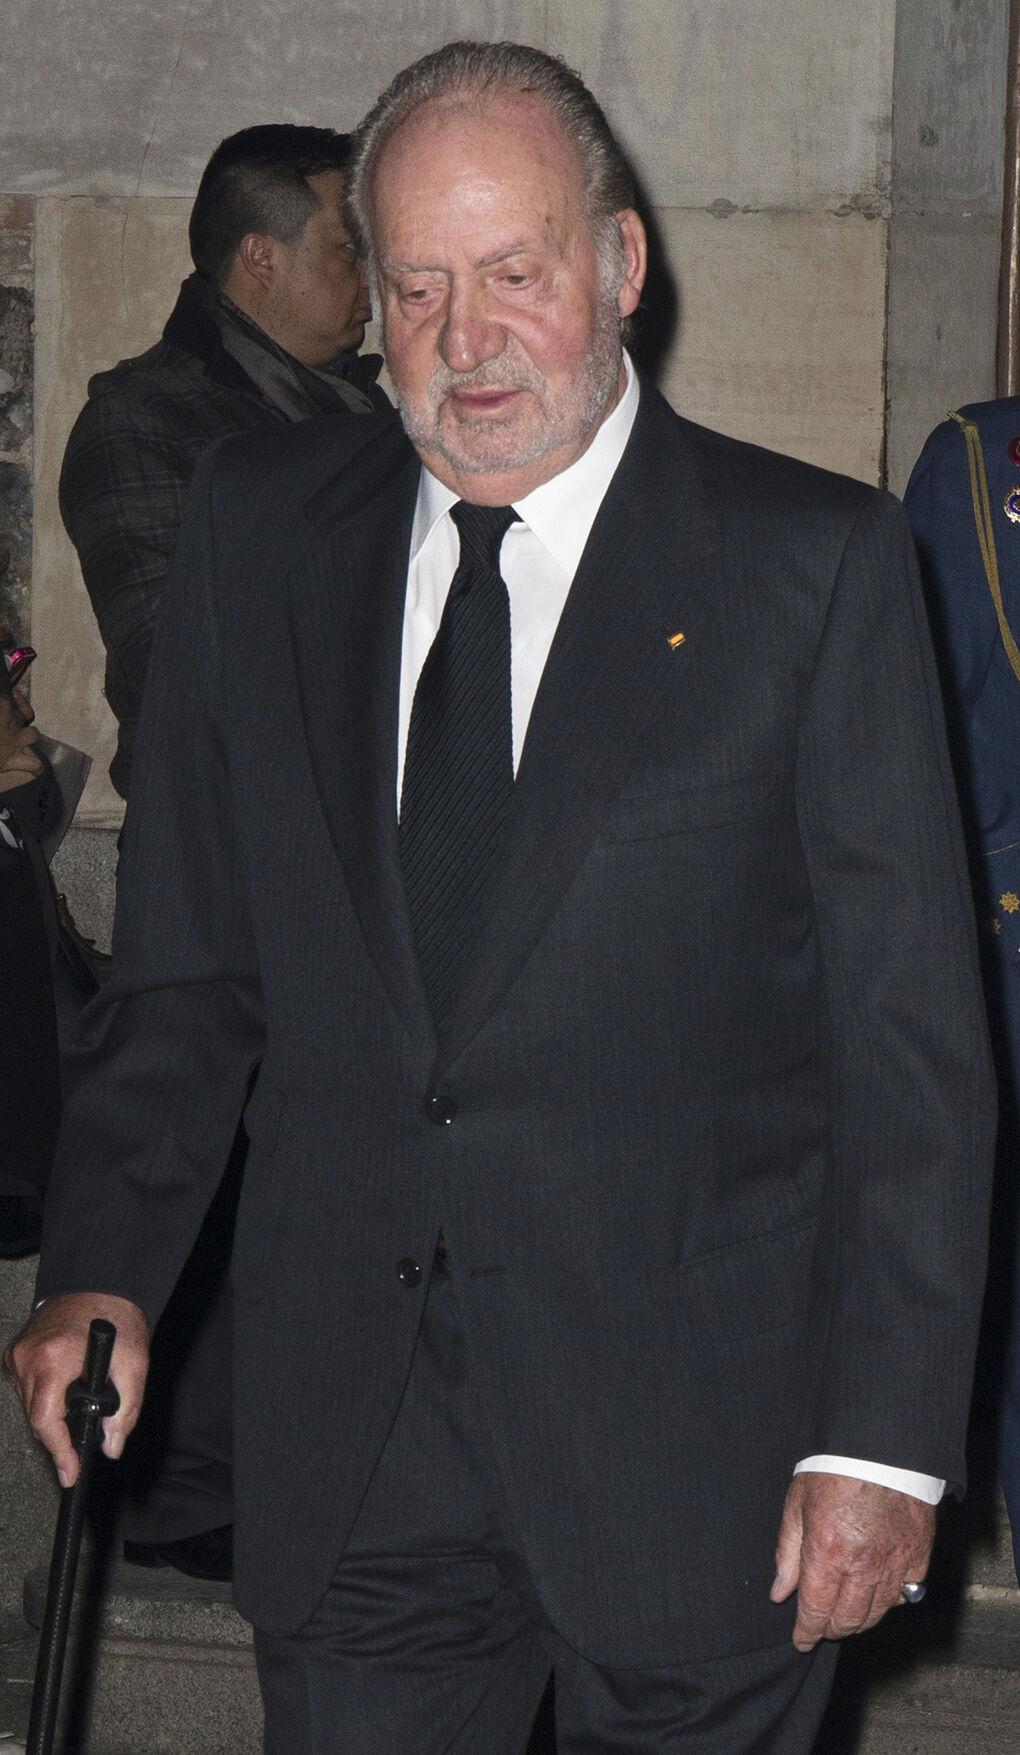 La nueva acompañante del Rey Juan Carlos y su cambio de look